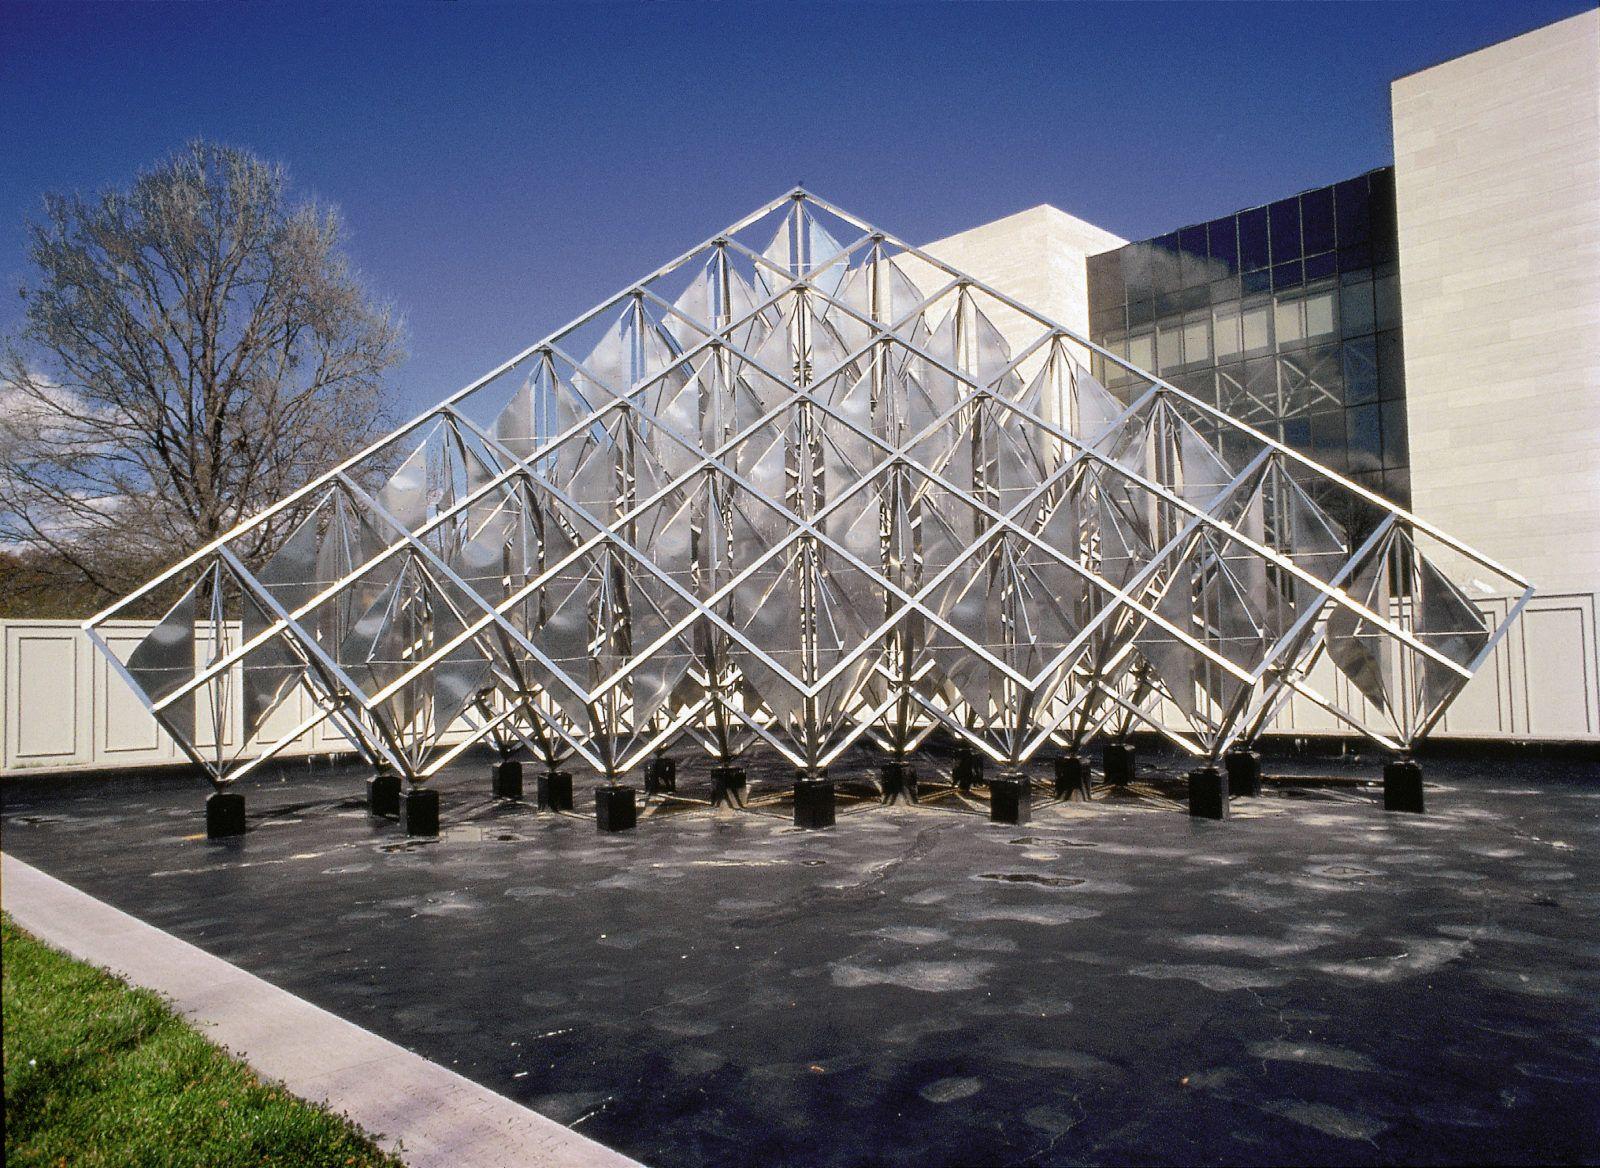 Delta Solar. La donación fue aceptada por el Congreso de Estados Unidos. La obra se instaló, un año después, en el jardín oeste del Museo del Aire y del Espacio, en Washington